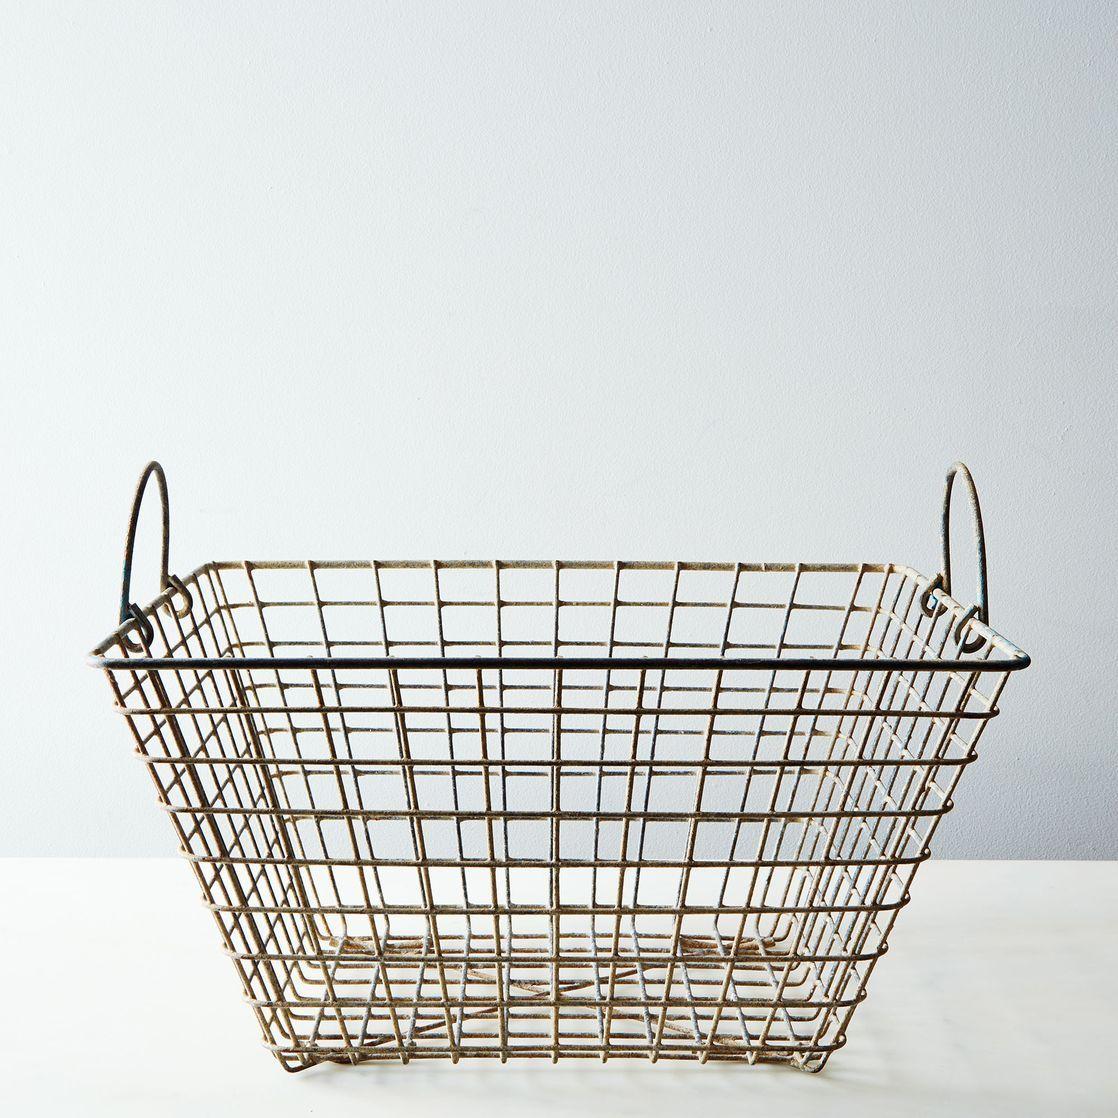 ead67132-2603-4ceb-abd2-2ab58c0b970b--2014-0612_shop-vintage_vintage-oyster-basket-005.jpg